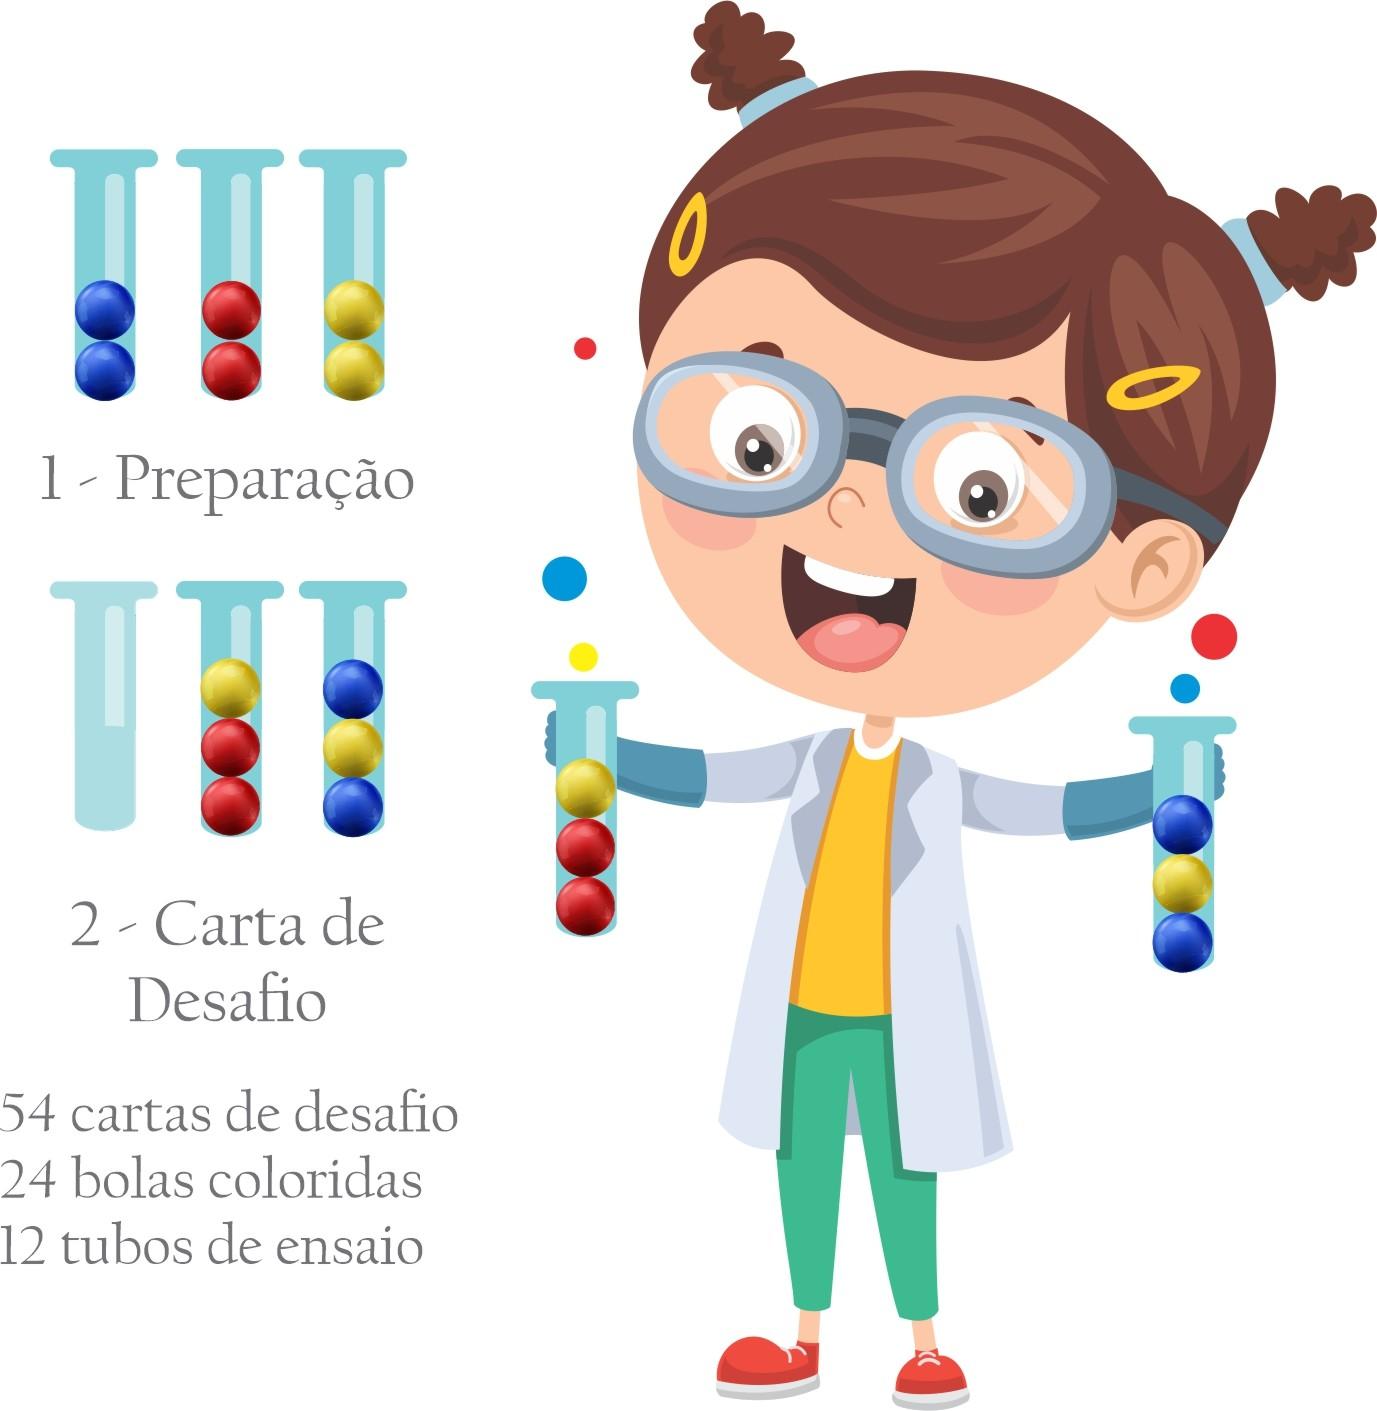 DR. BIRUTA - DESAFIO DAS FÓRMULAS MALUCAS